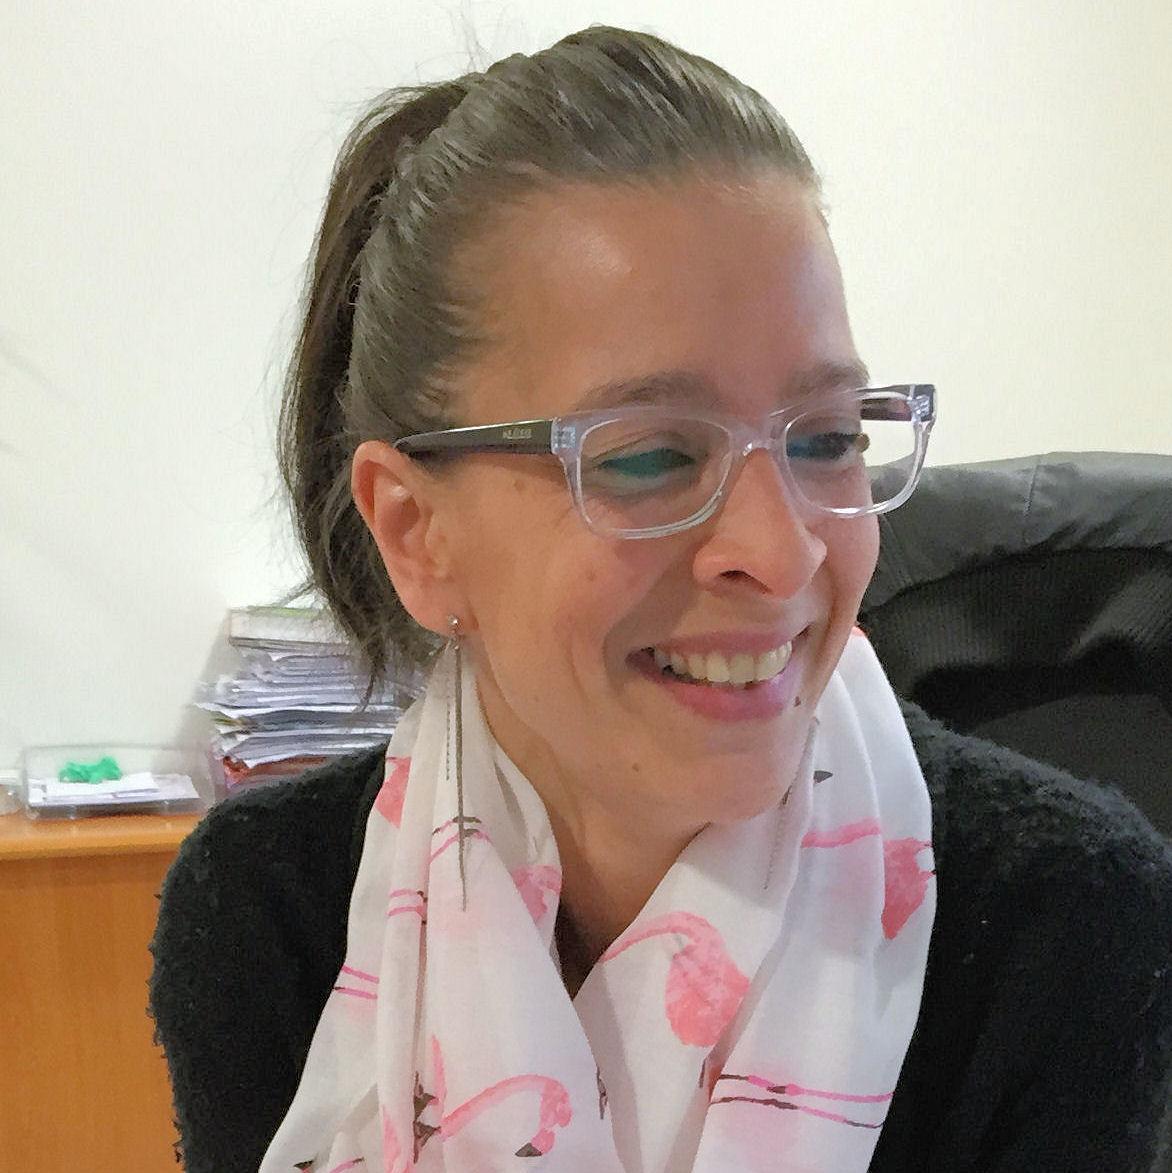 Sonya de l'équipe des audioprothésistes du centre auditif Minitone à Nîmes dans le Gard.